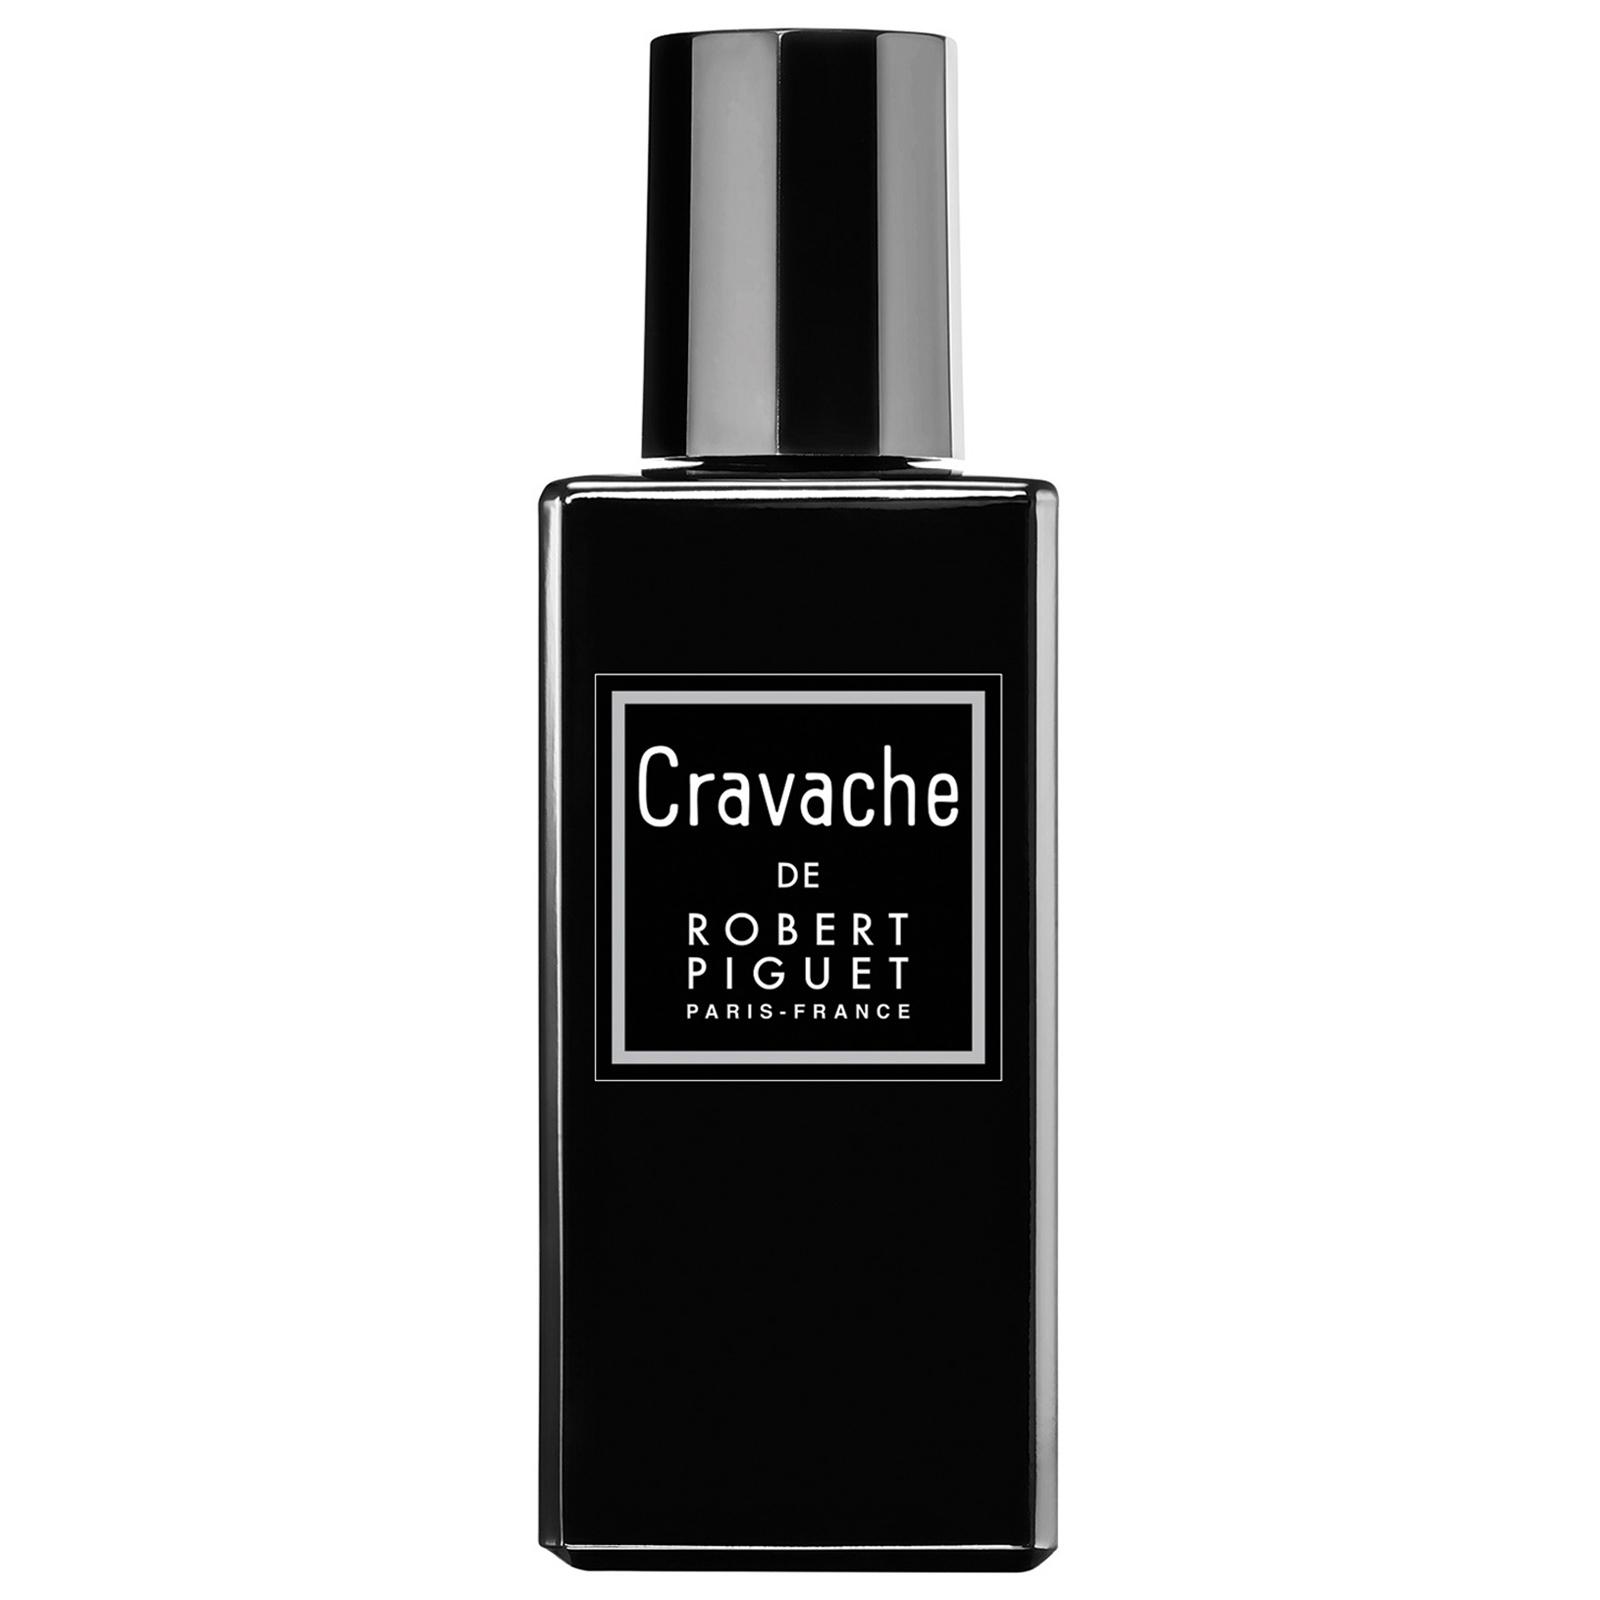 Cravache profumo eau de parfum 100 ml